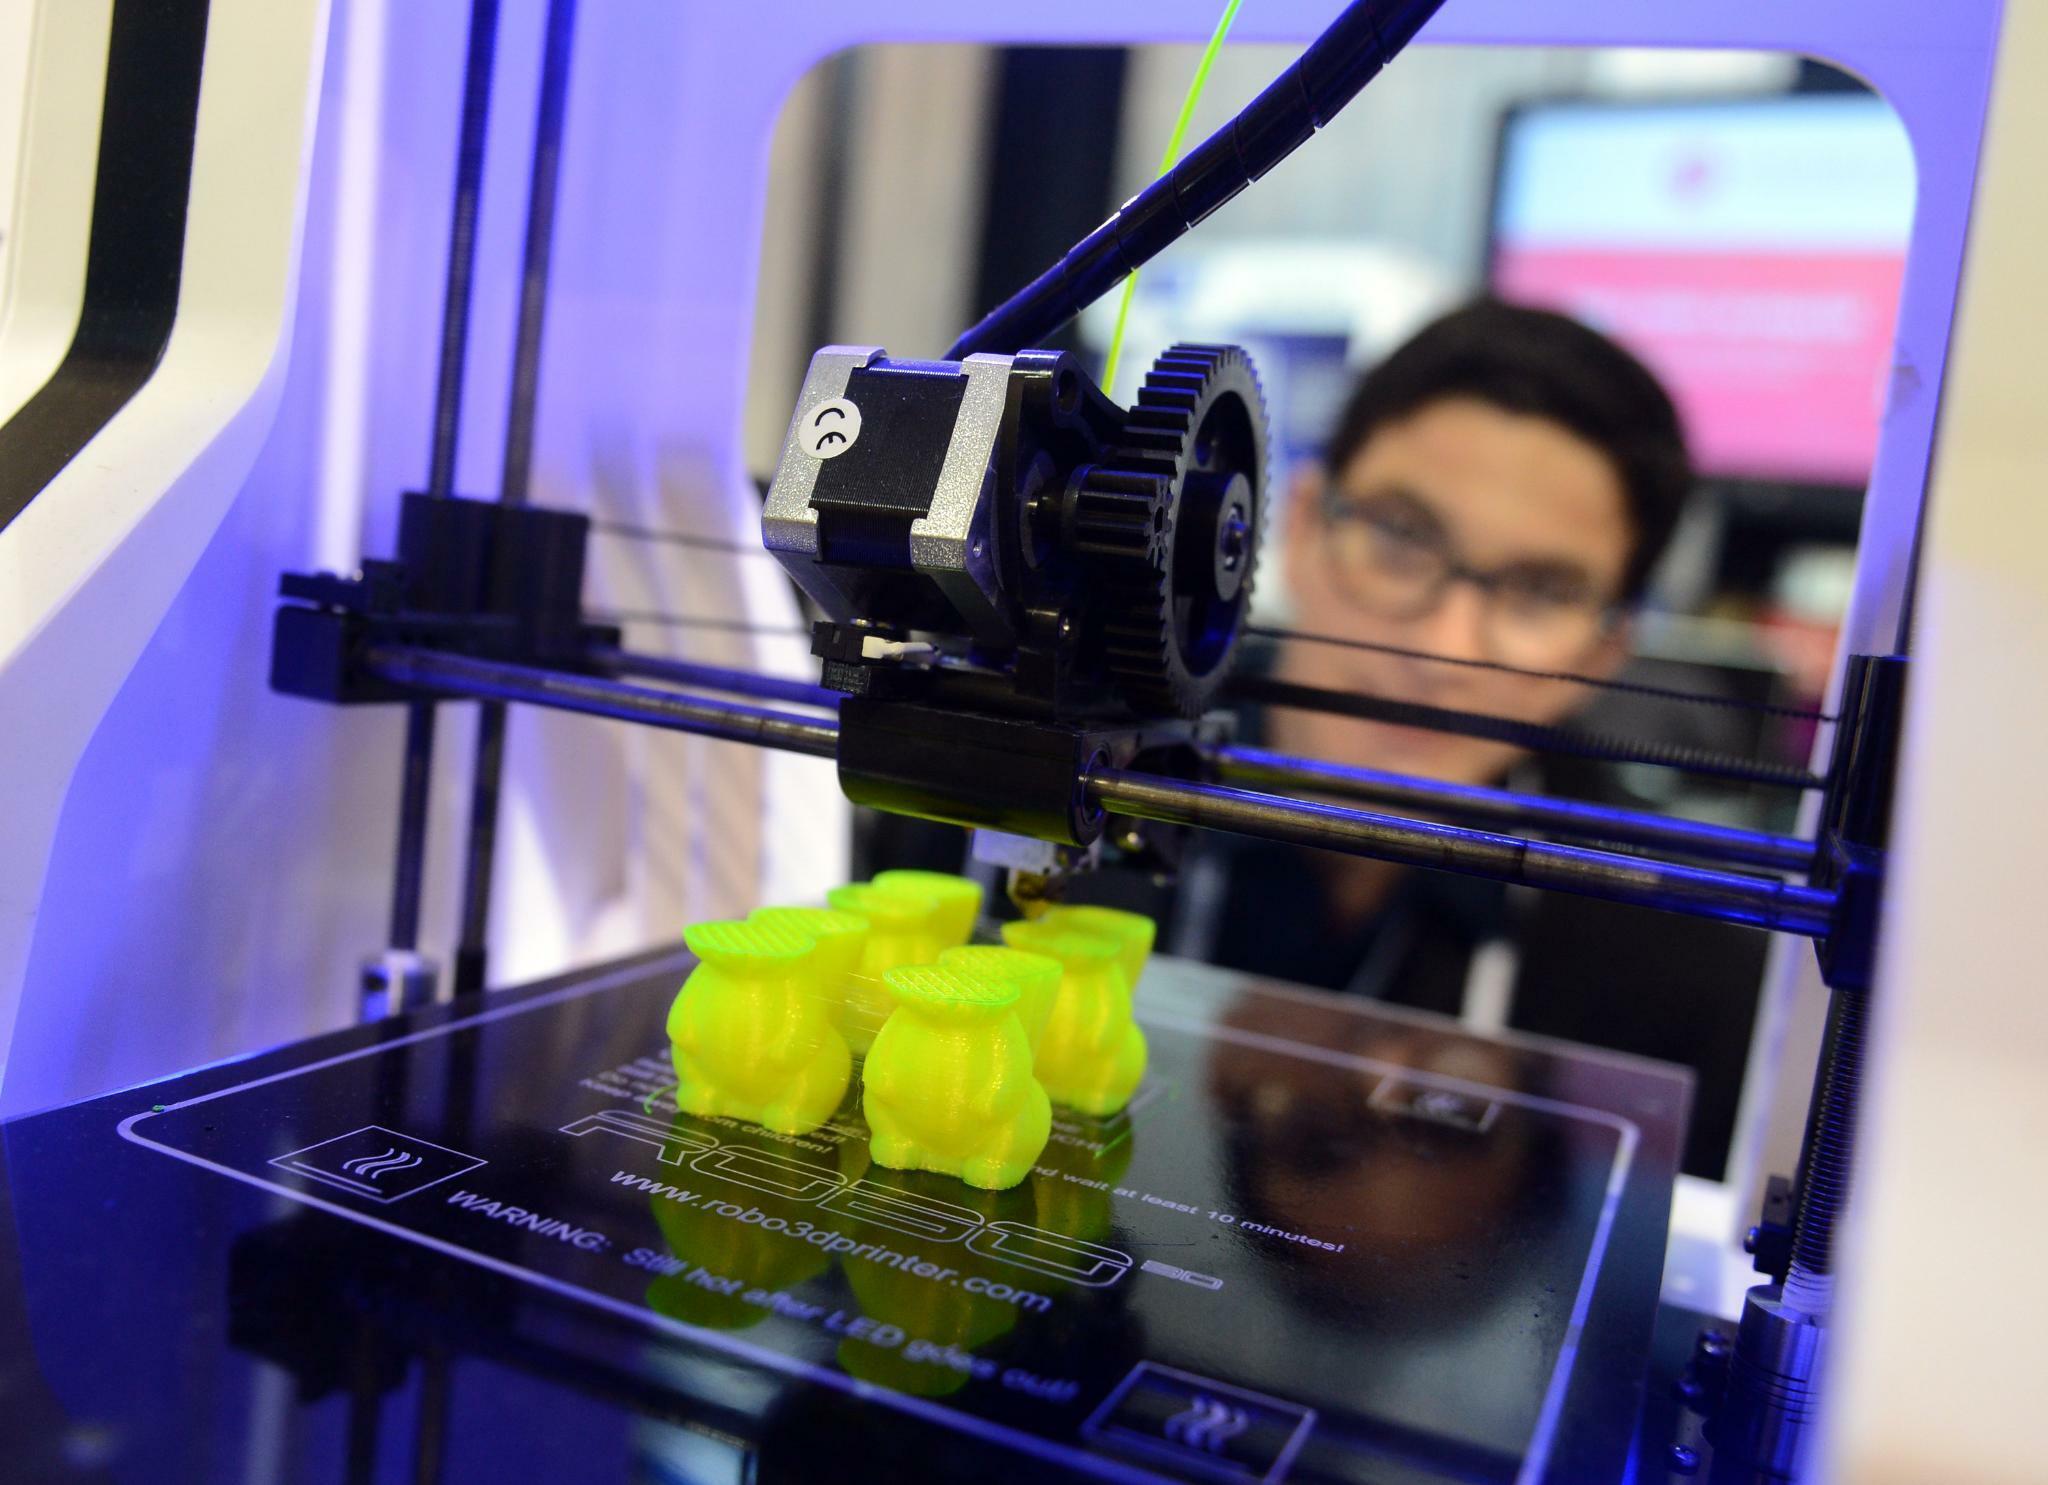 Markt wächst um 25 Prozent: 3D-Druck auf dem Vormarsch